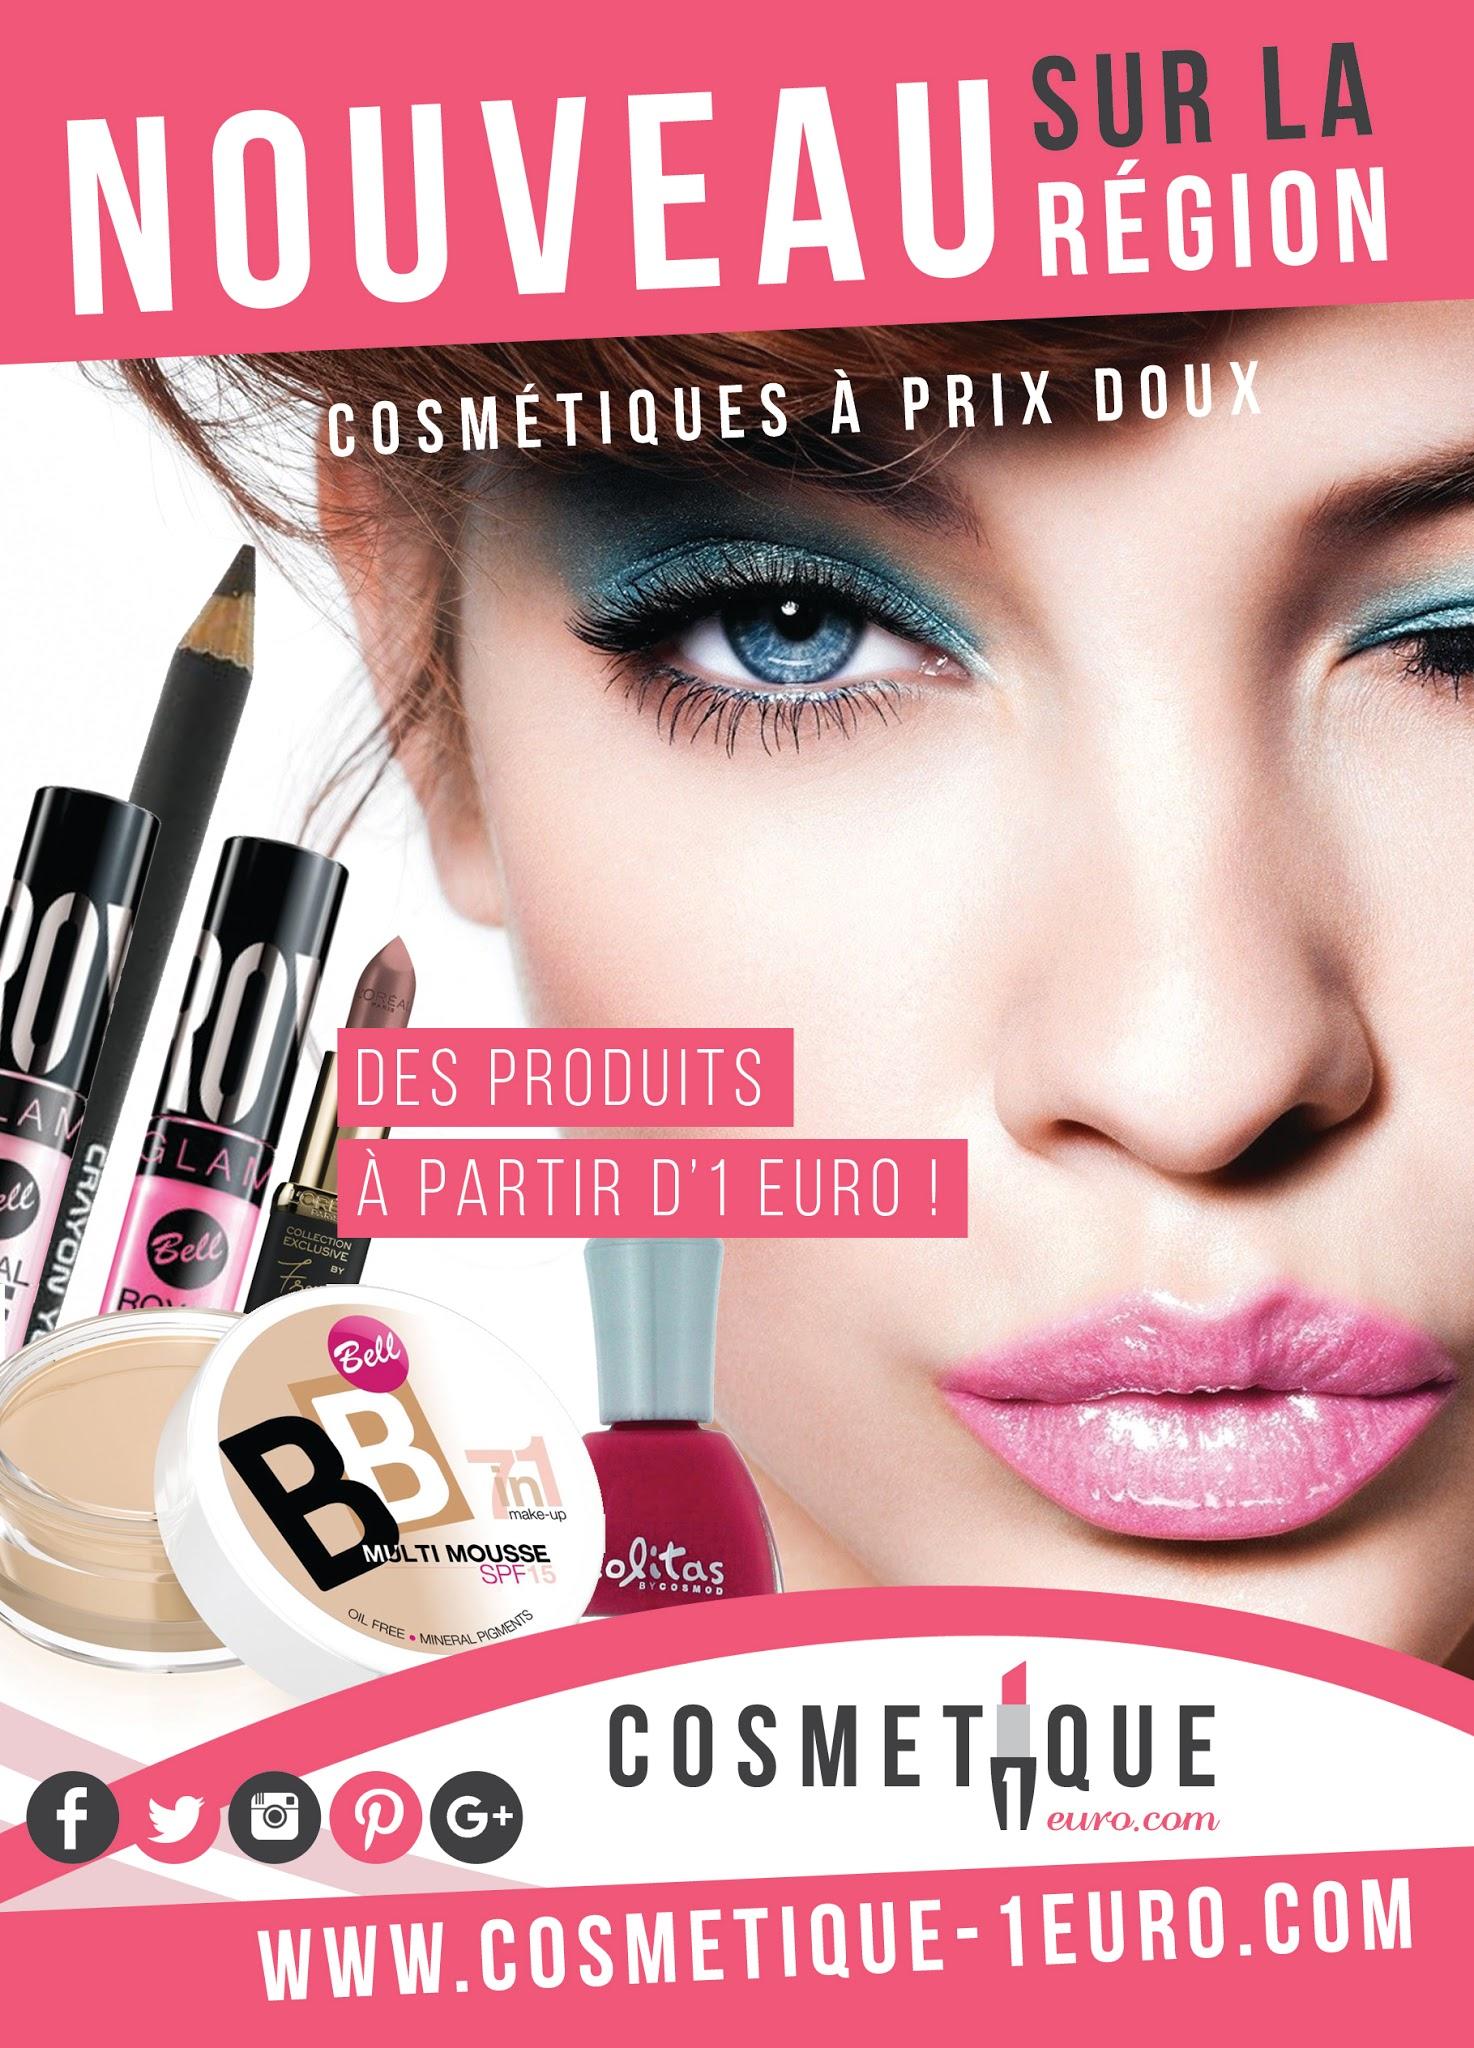 cosmetique a 1 euro